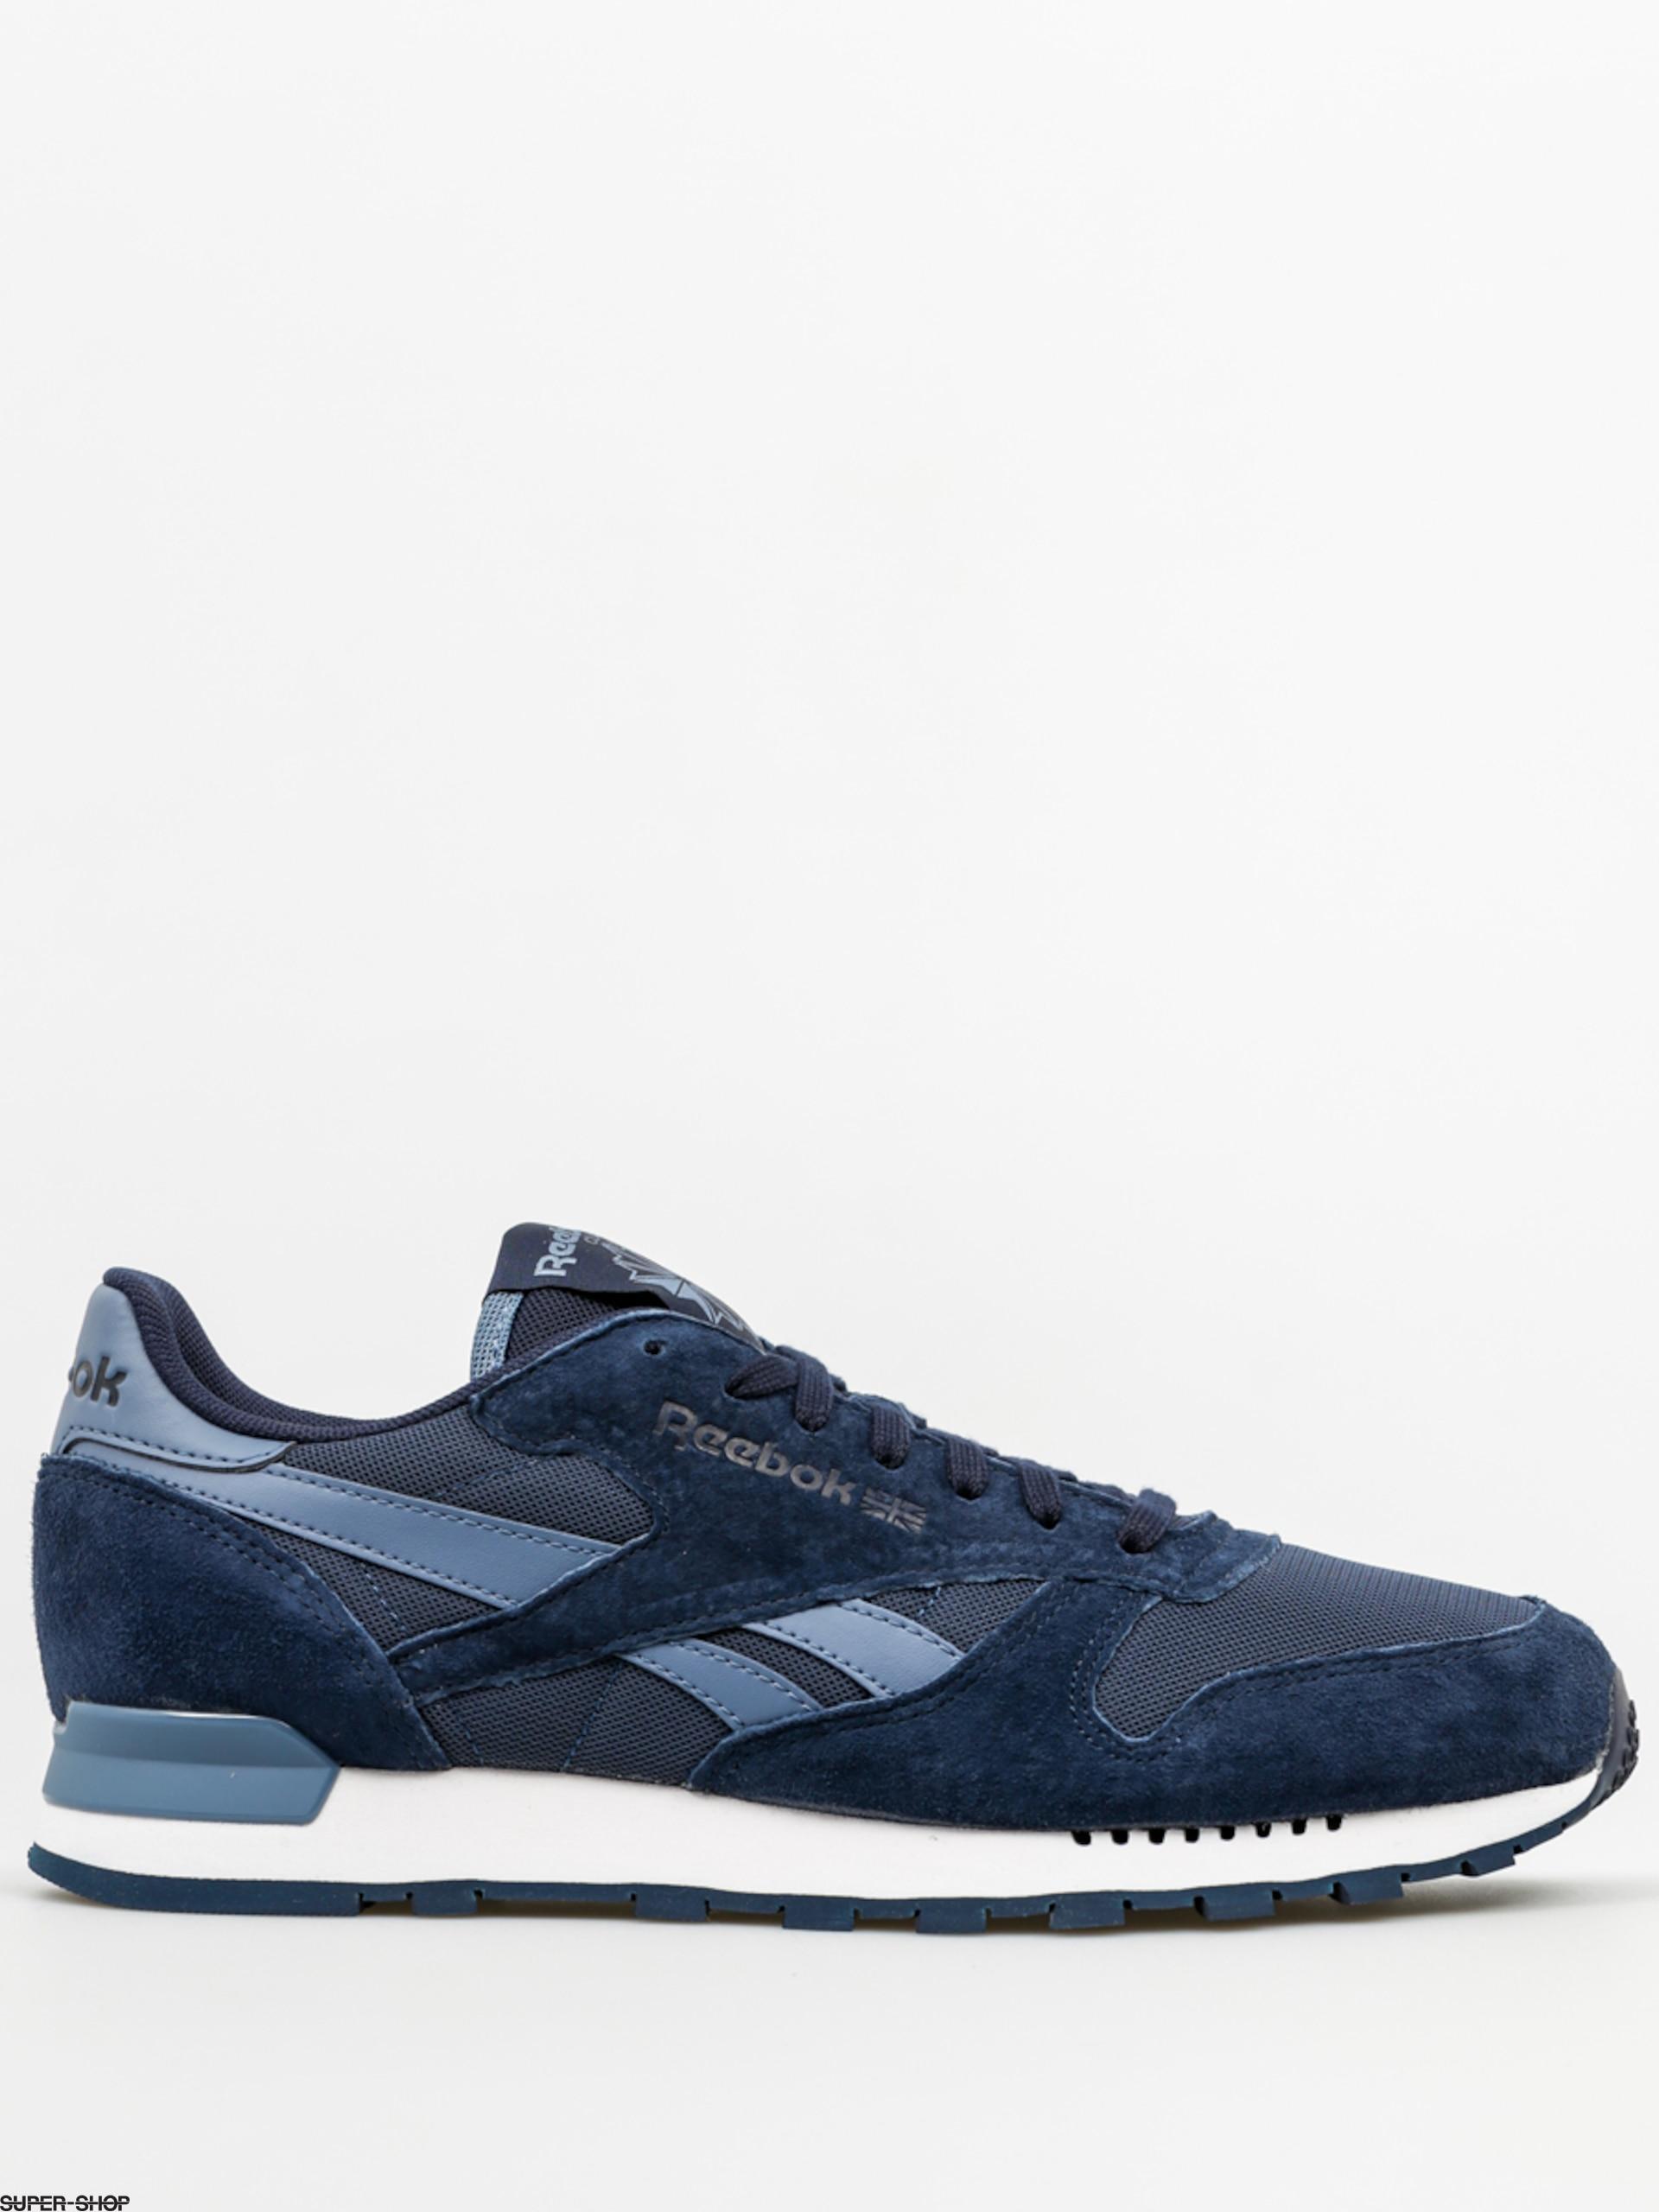 Reebok Shoes Cl Leather Clip Ele (blue peaknavyblue slate)